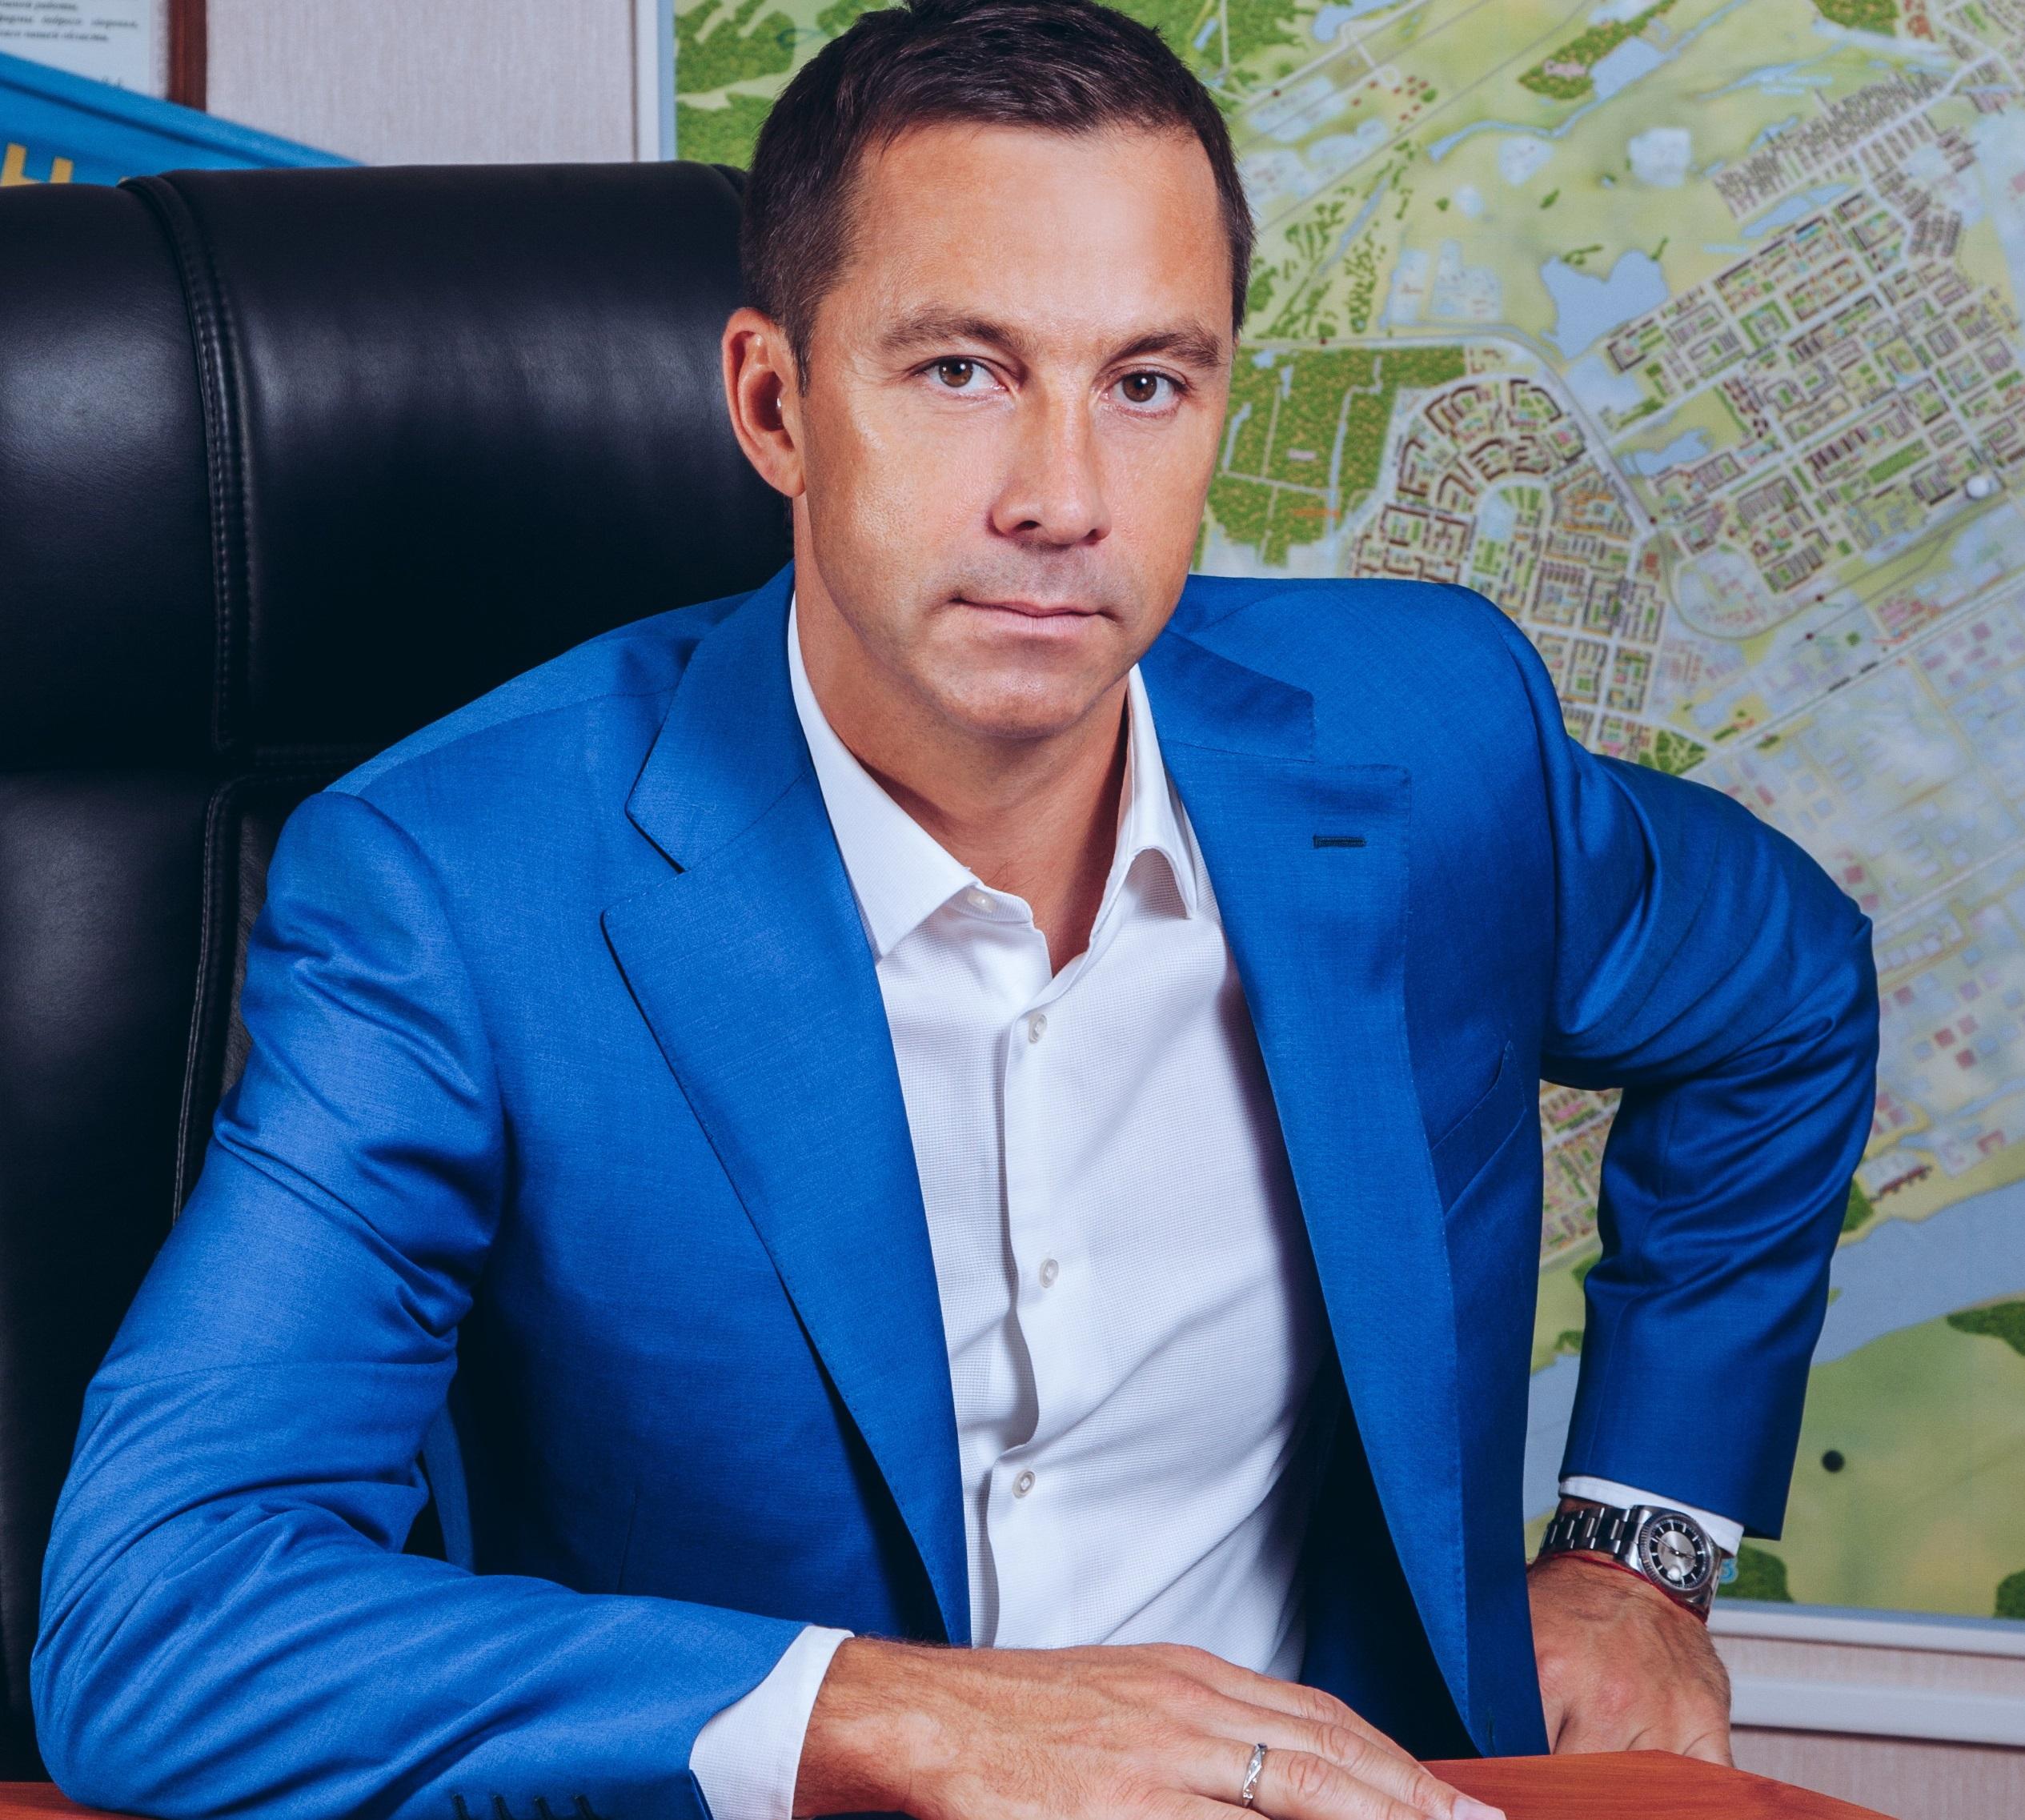 Генпрокуратура требует закончить полномочия депутата ОЗС Бочкарева